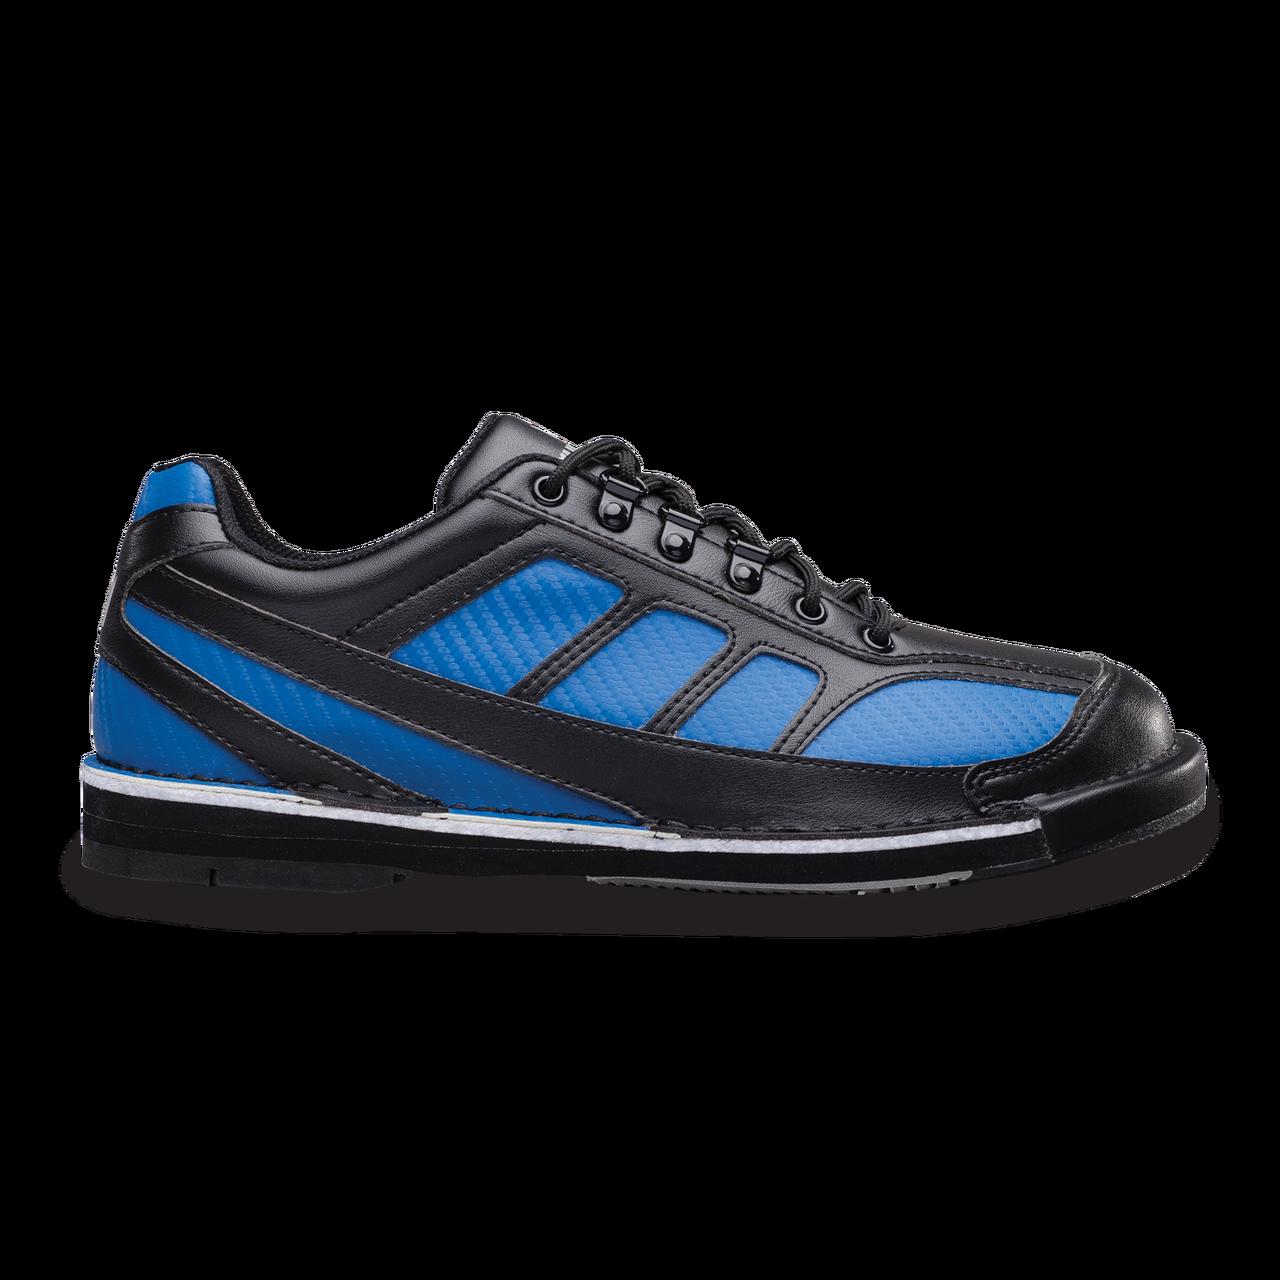 b7c47af5fe1 Brunswick Phantom Mens Bowling Shoes Black Royal Carbon Fiber Left Handed  ...